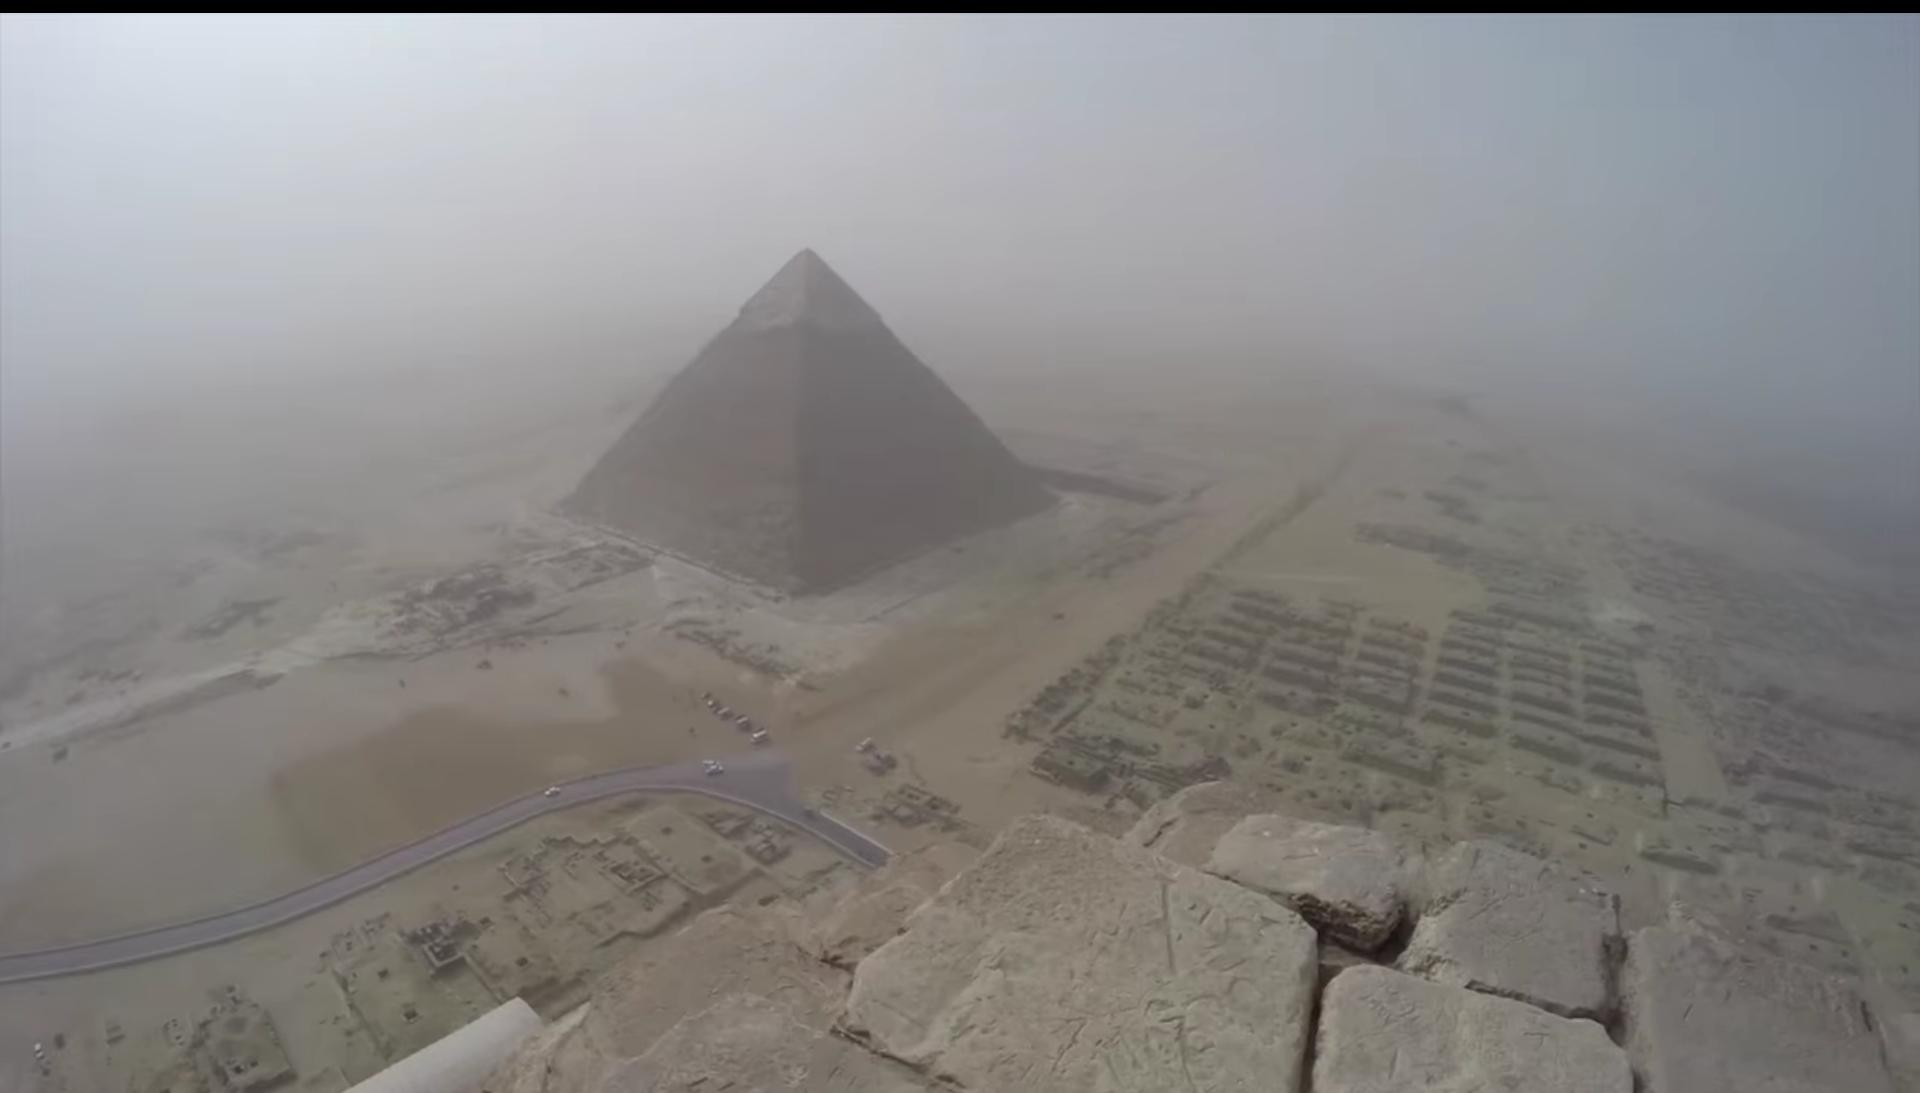 Uma rápida (e ilegal) subida ao topo da Grande Pirâmide de Gizé -